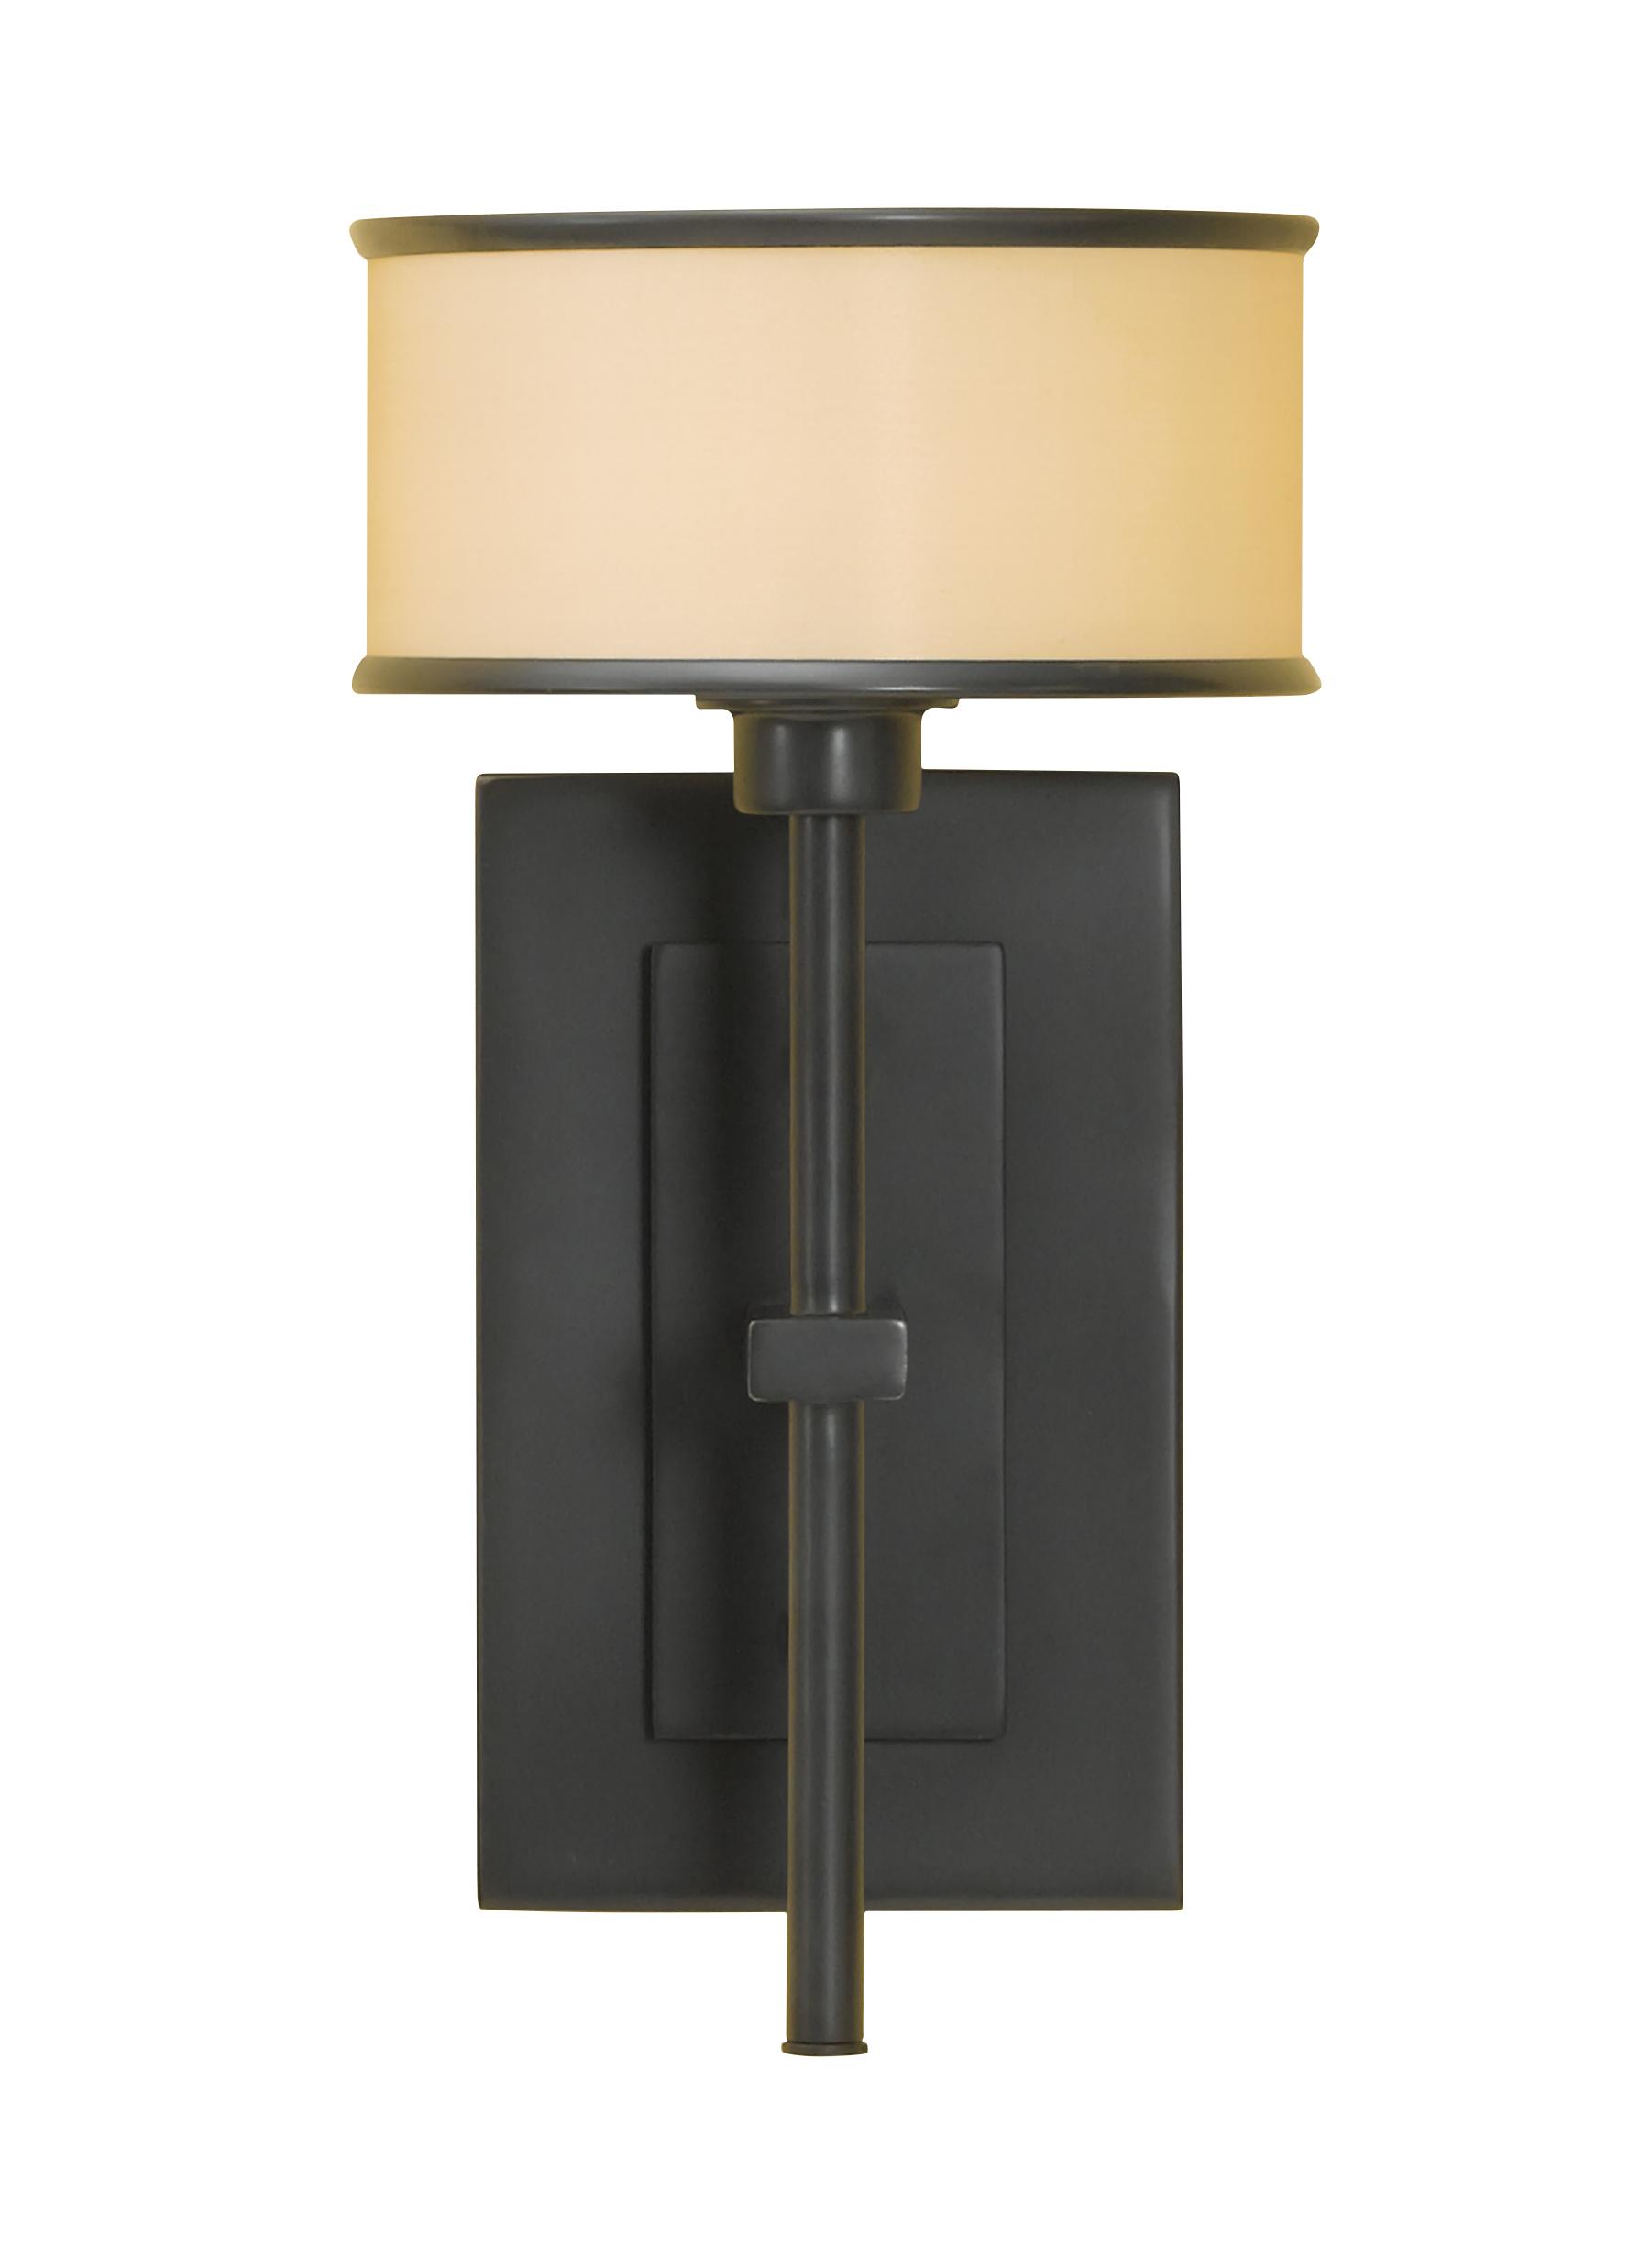 dark light bathroom light fixtures modern pendant light sconce loading zoom wb1378dbz1 sconcedark bronze